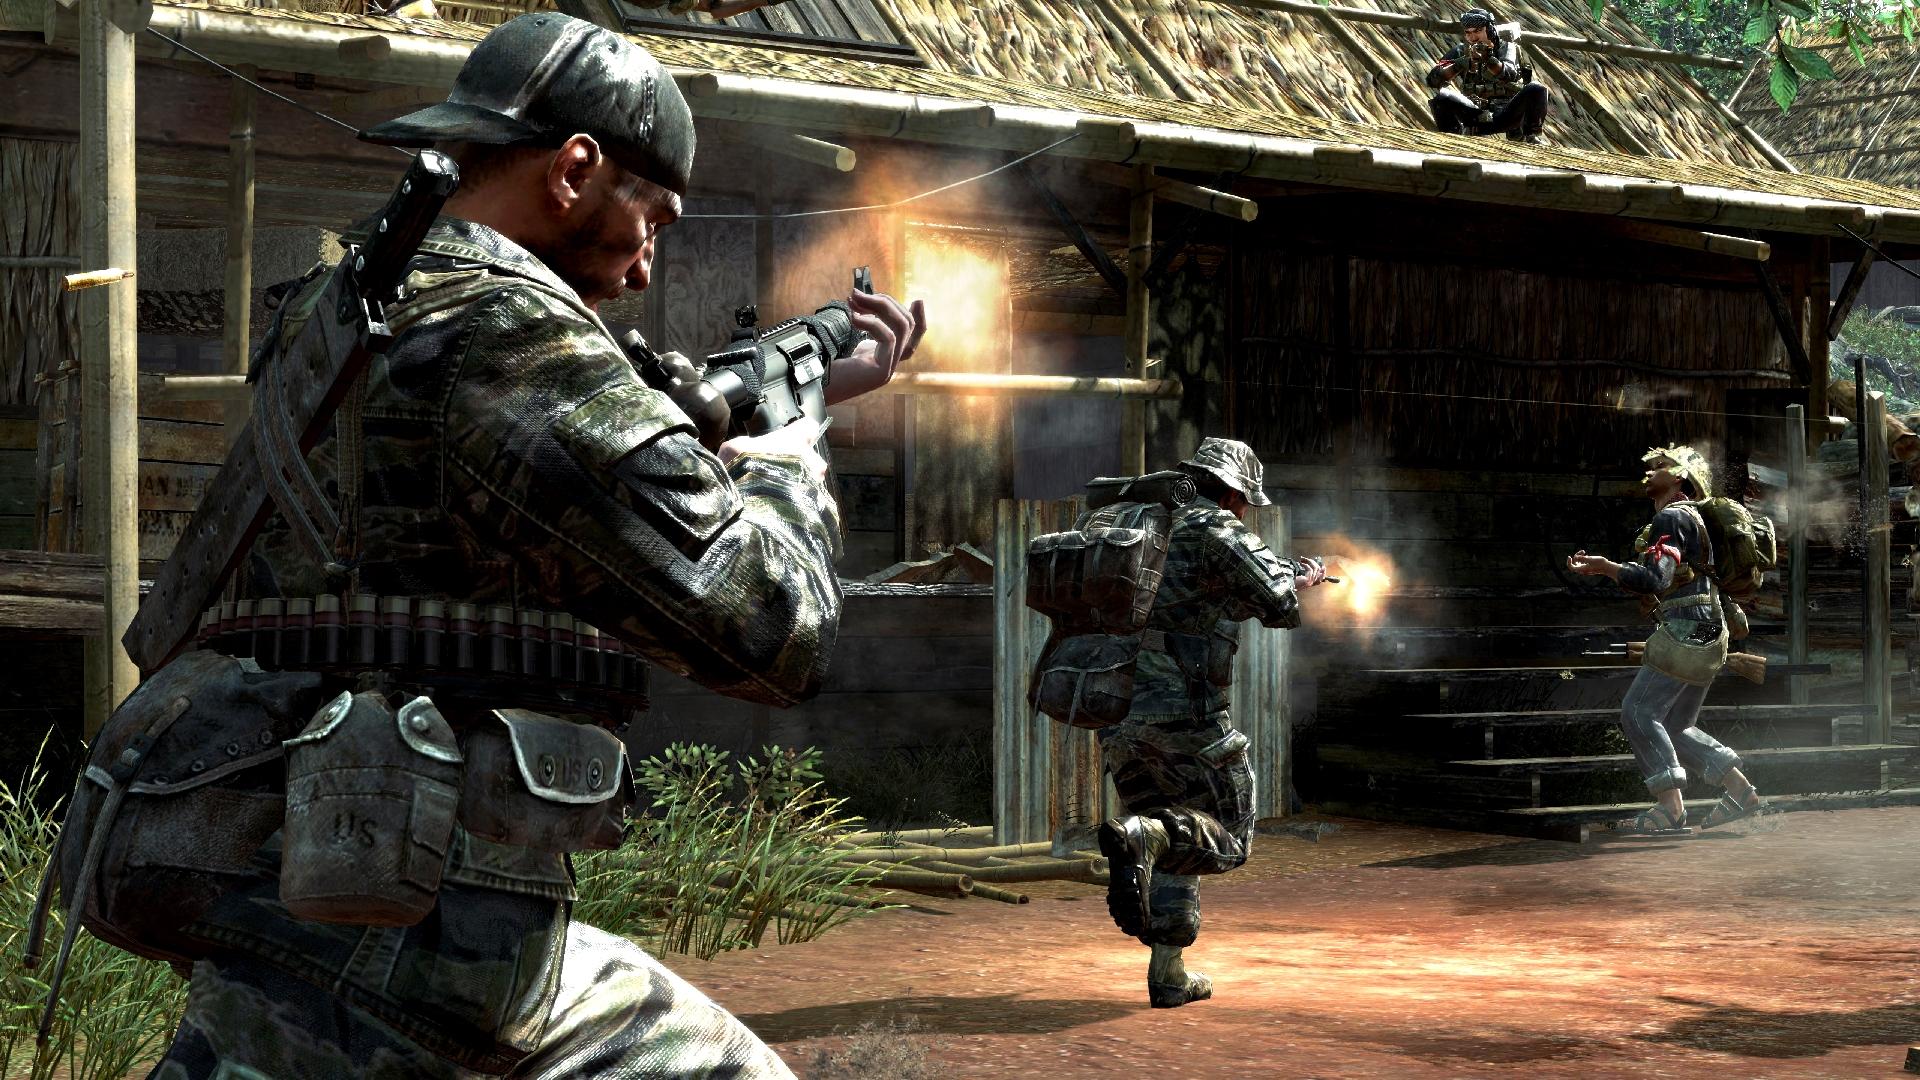 Analistas sostienen que Call of Duty: Black Ops tendrá más pre-ordenes que Modern Warfare 2 [Money, get away]